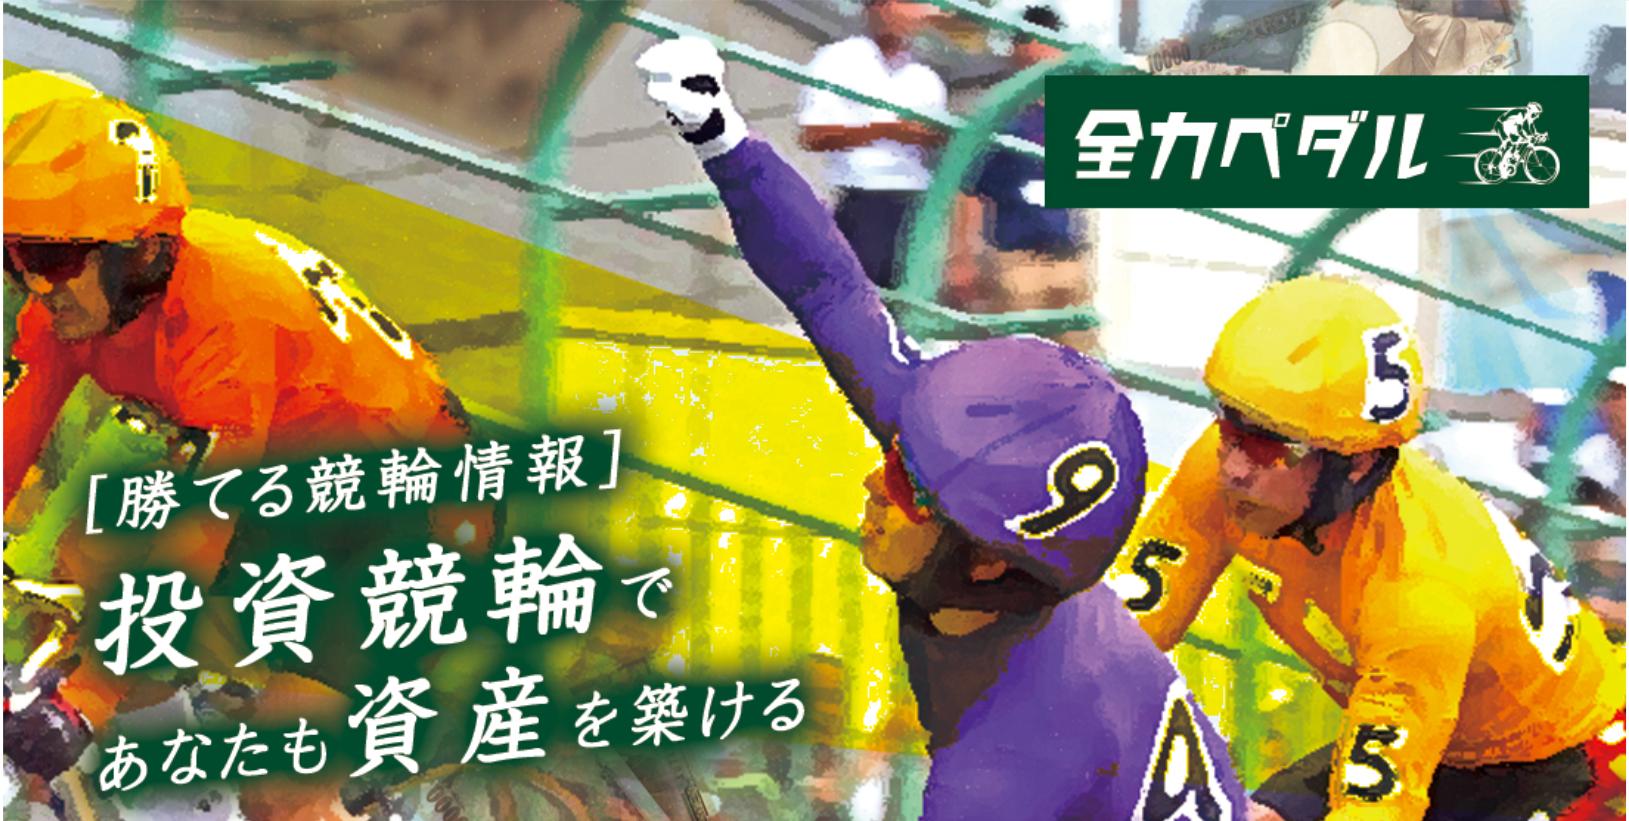 【全力ペダル】の無料予想(無料買い目)をプロ目線でぶった斬り!